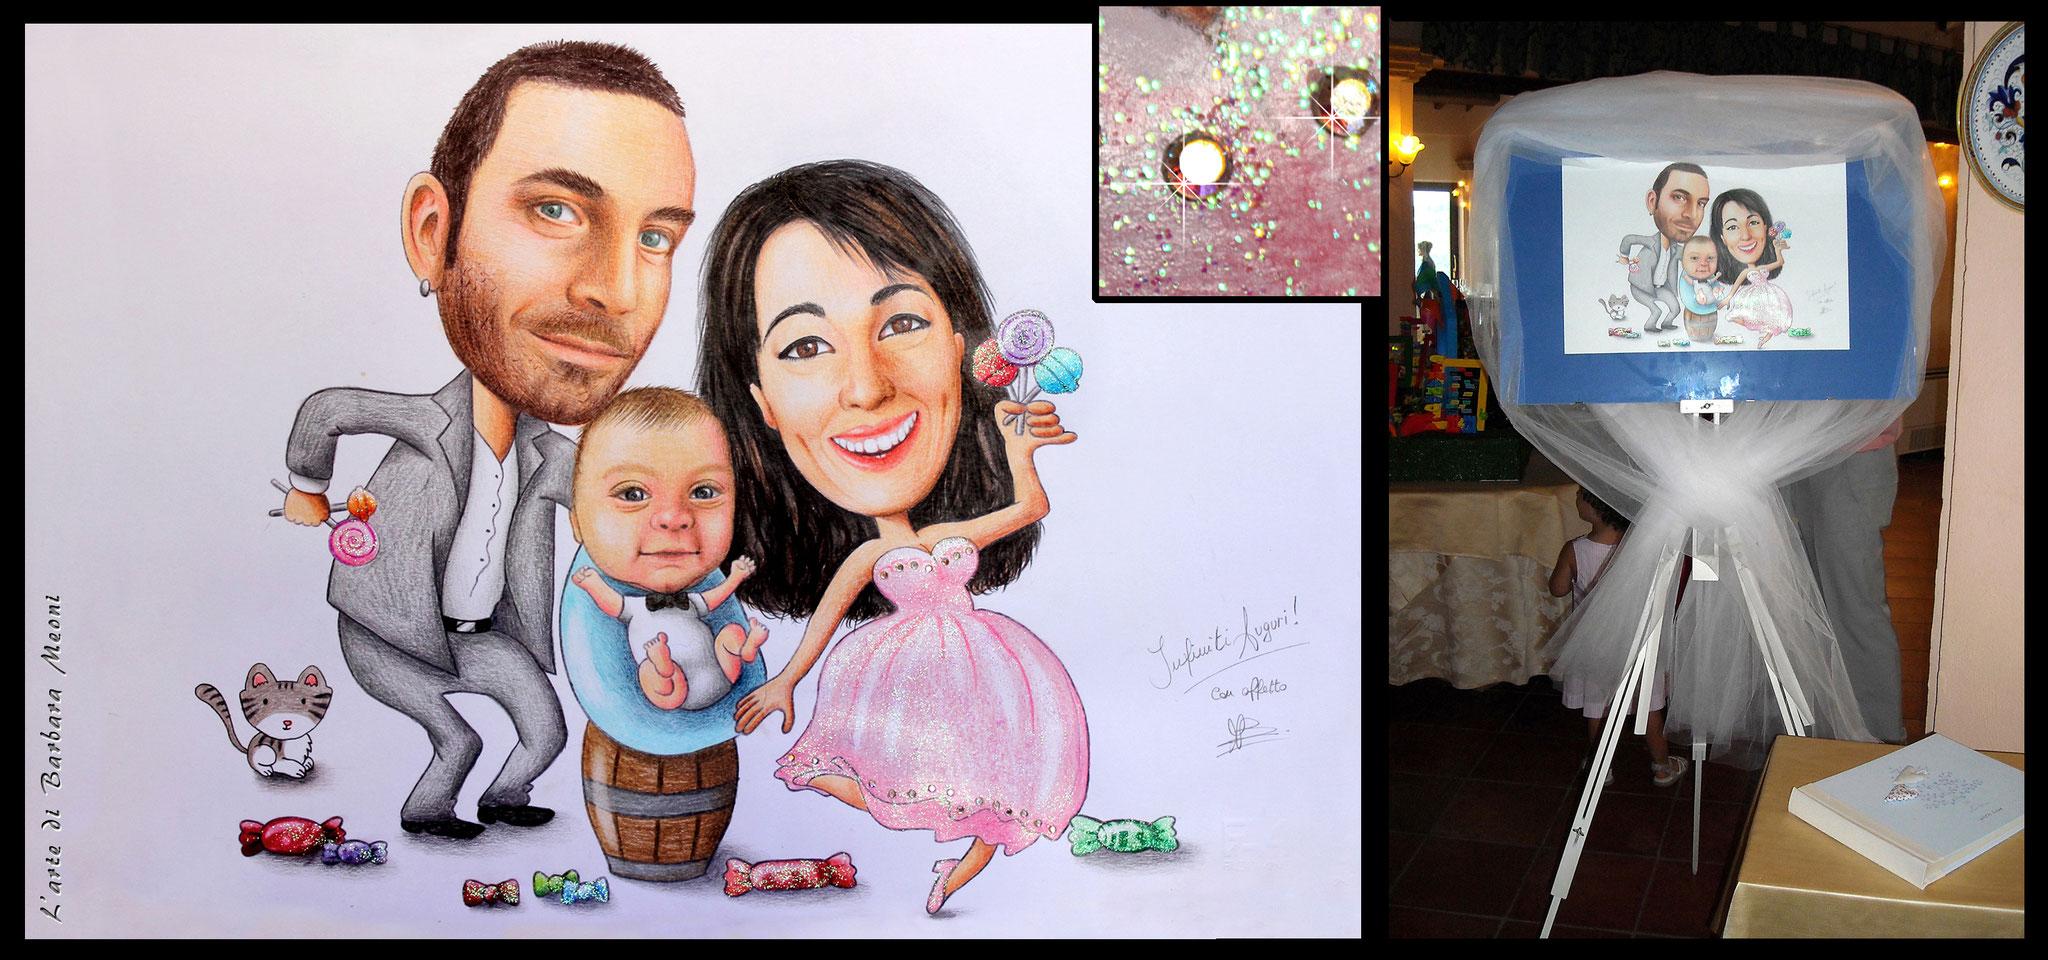 Caricatura realistica matrimonio Marco e Francesca - Matite su cartoncino con effetto glitter iridescente e con rifiniture in strass arcobaleno 35x50 cm